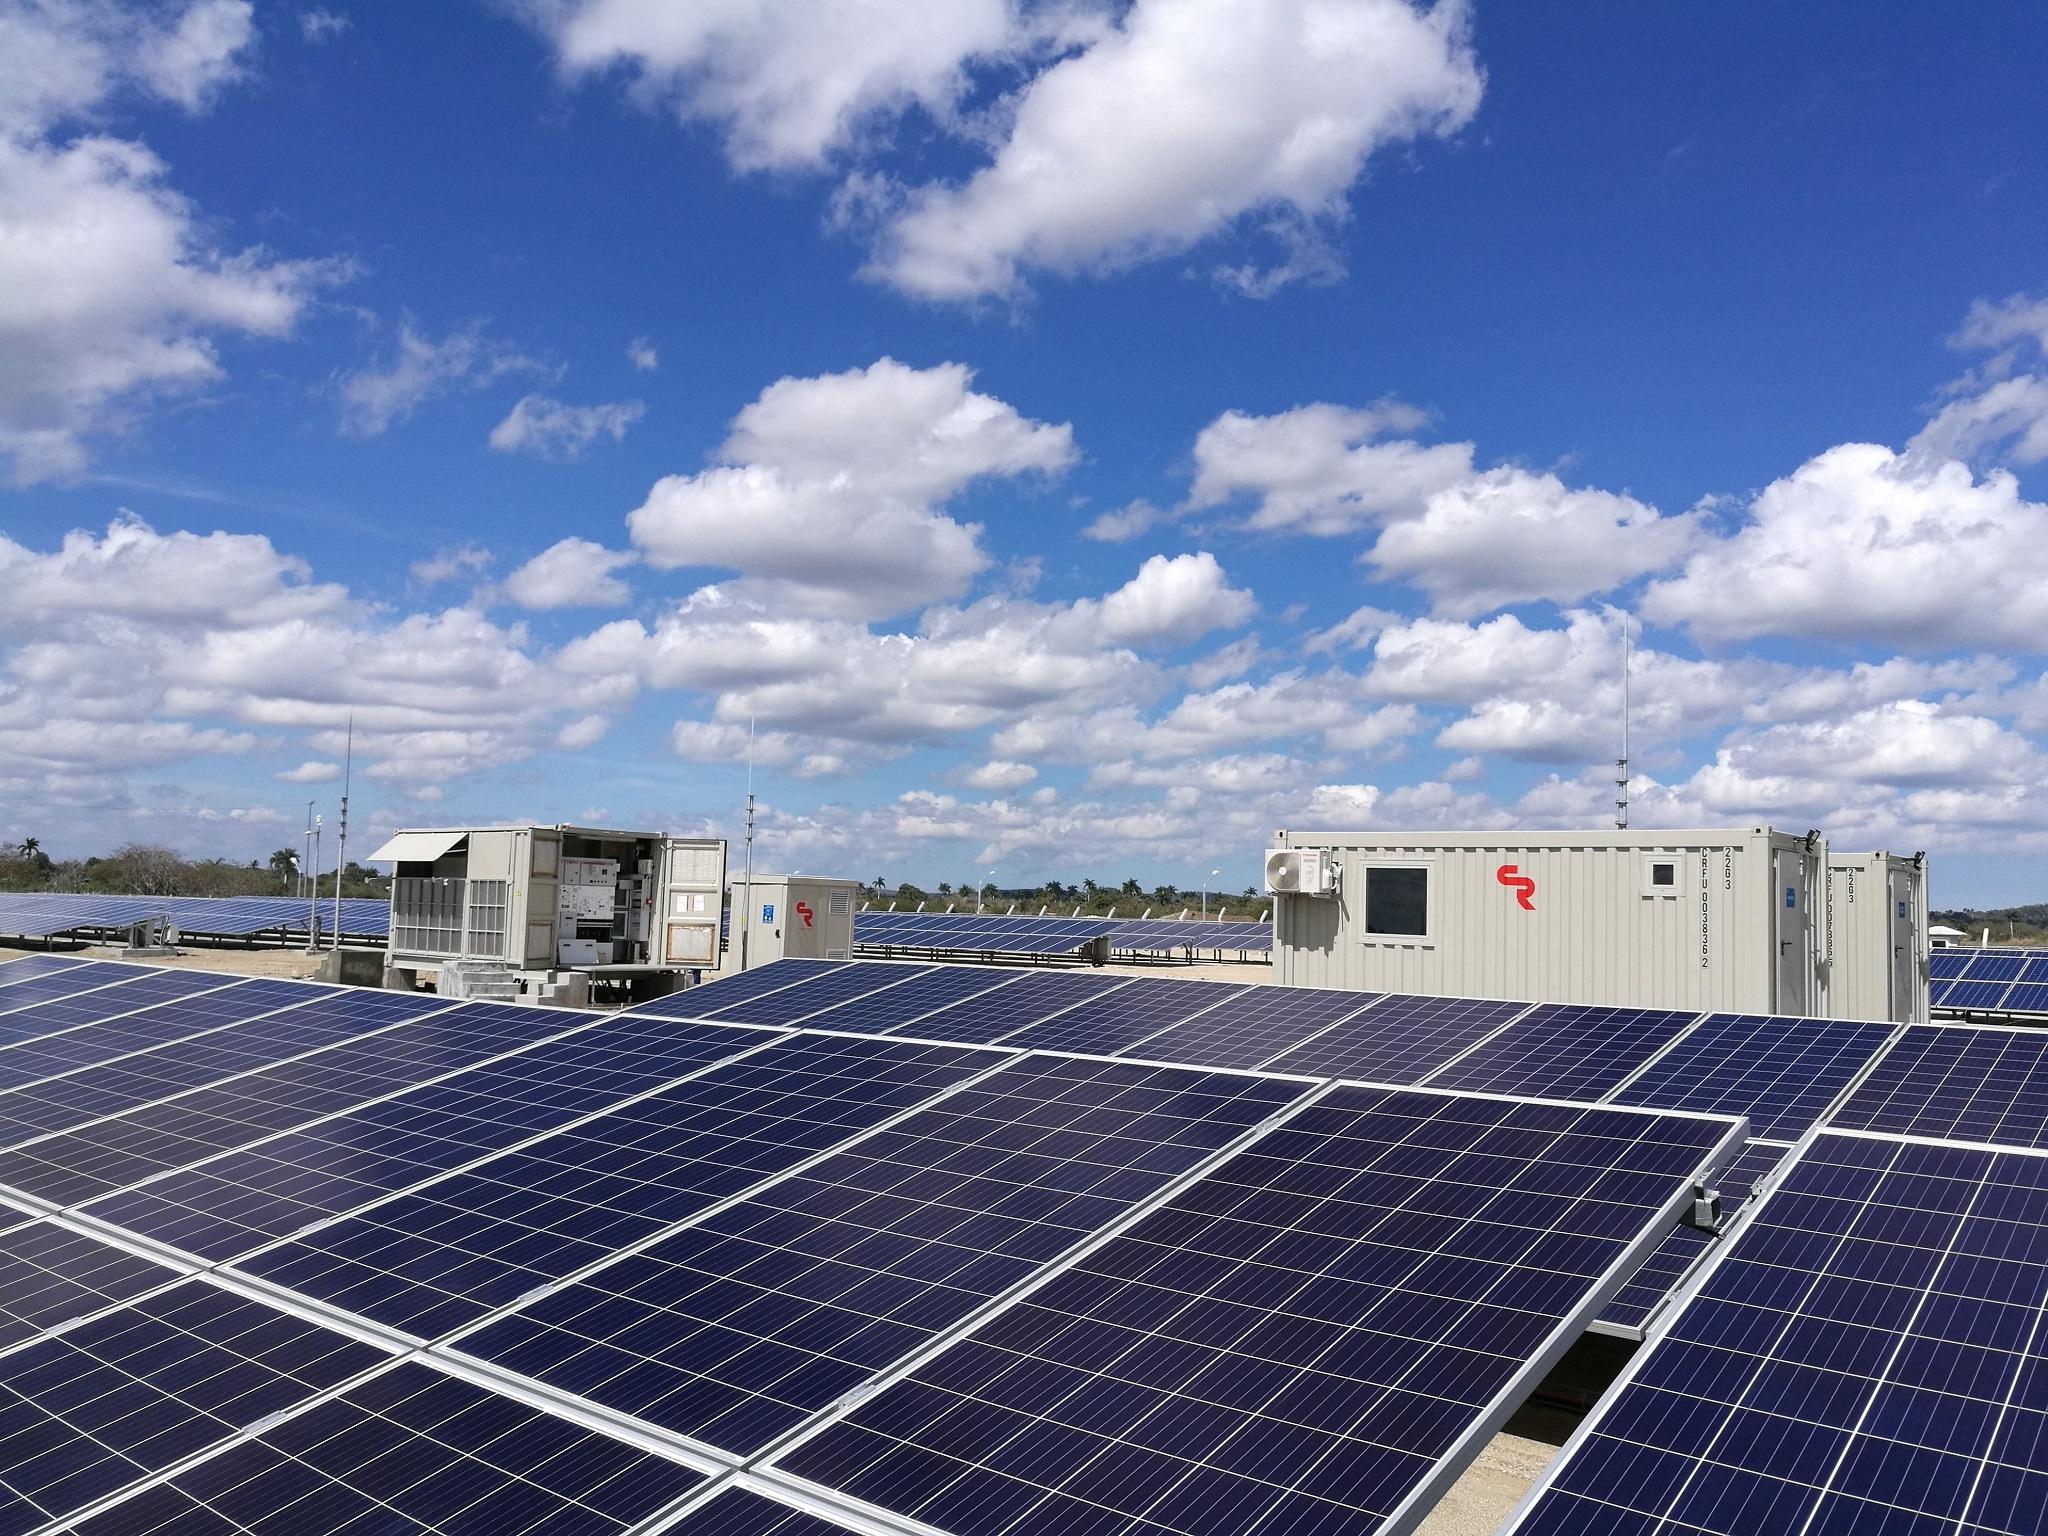 Sistemas fotovoltaicos en Camaguey, Cuba